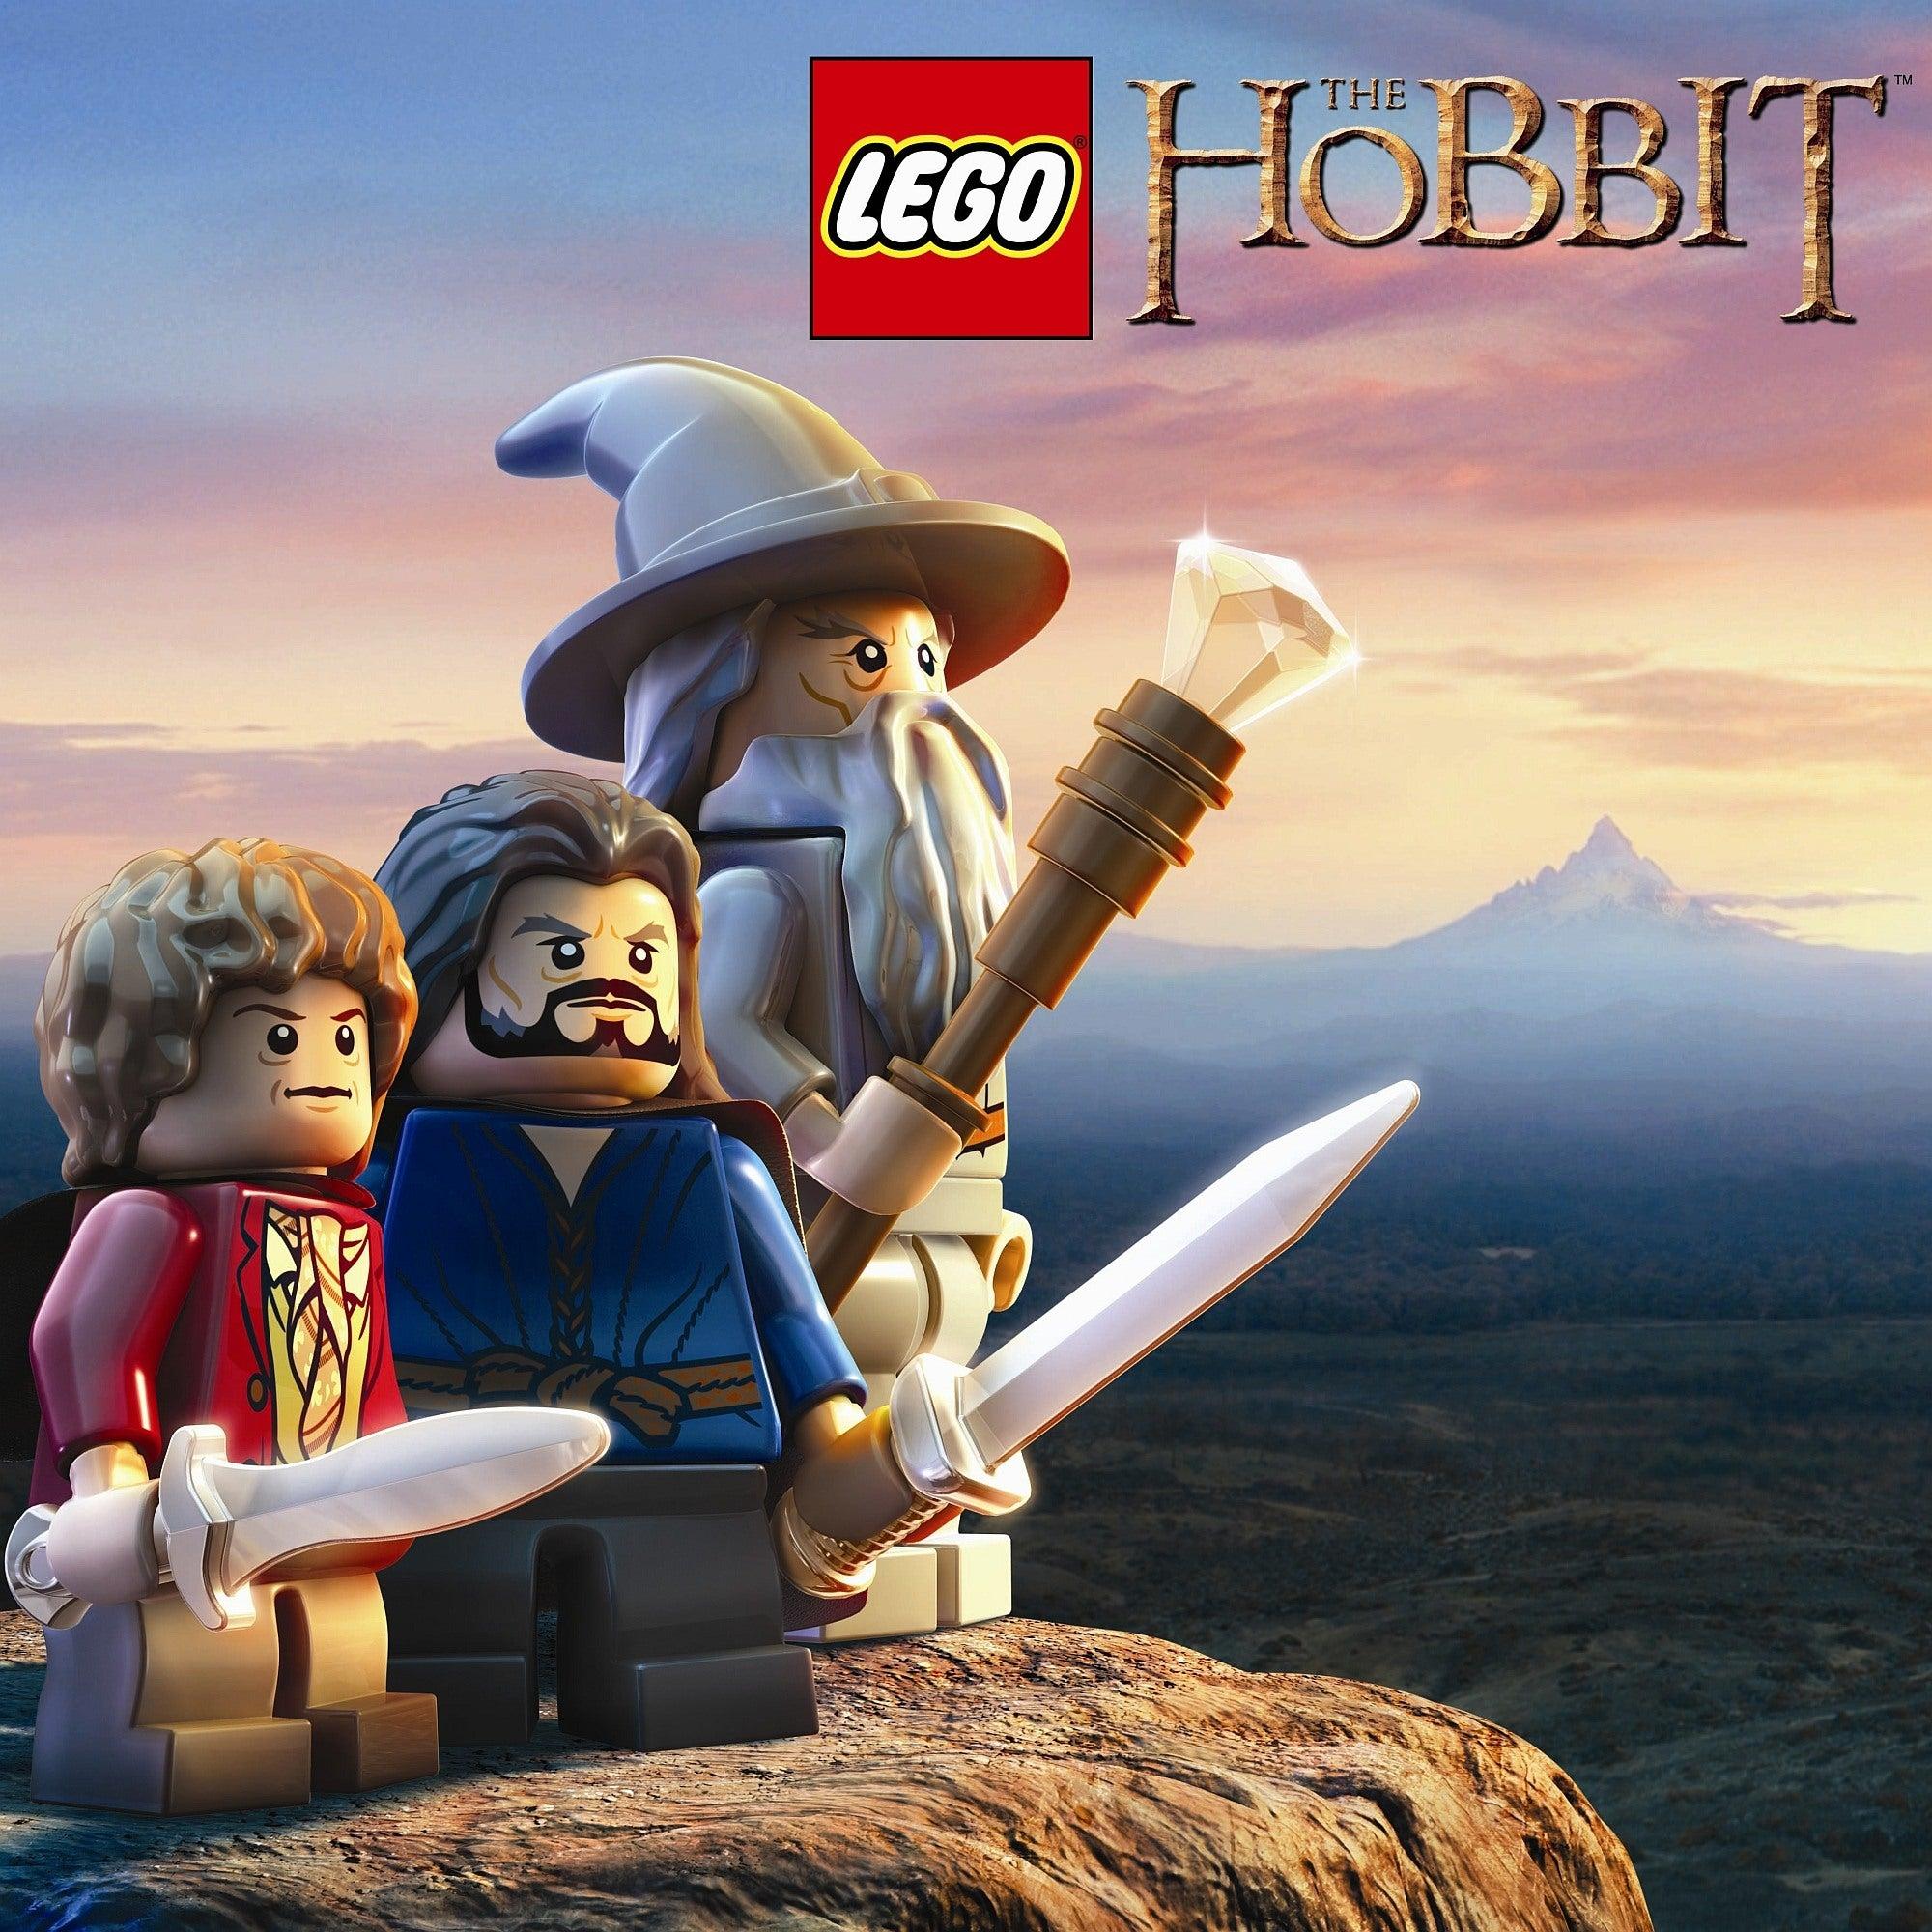 LEGO The Hobbit PC IGN